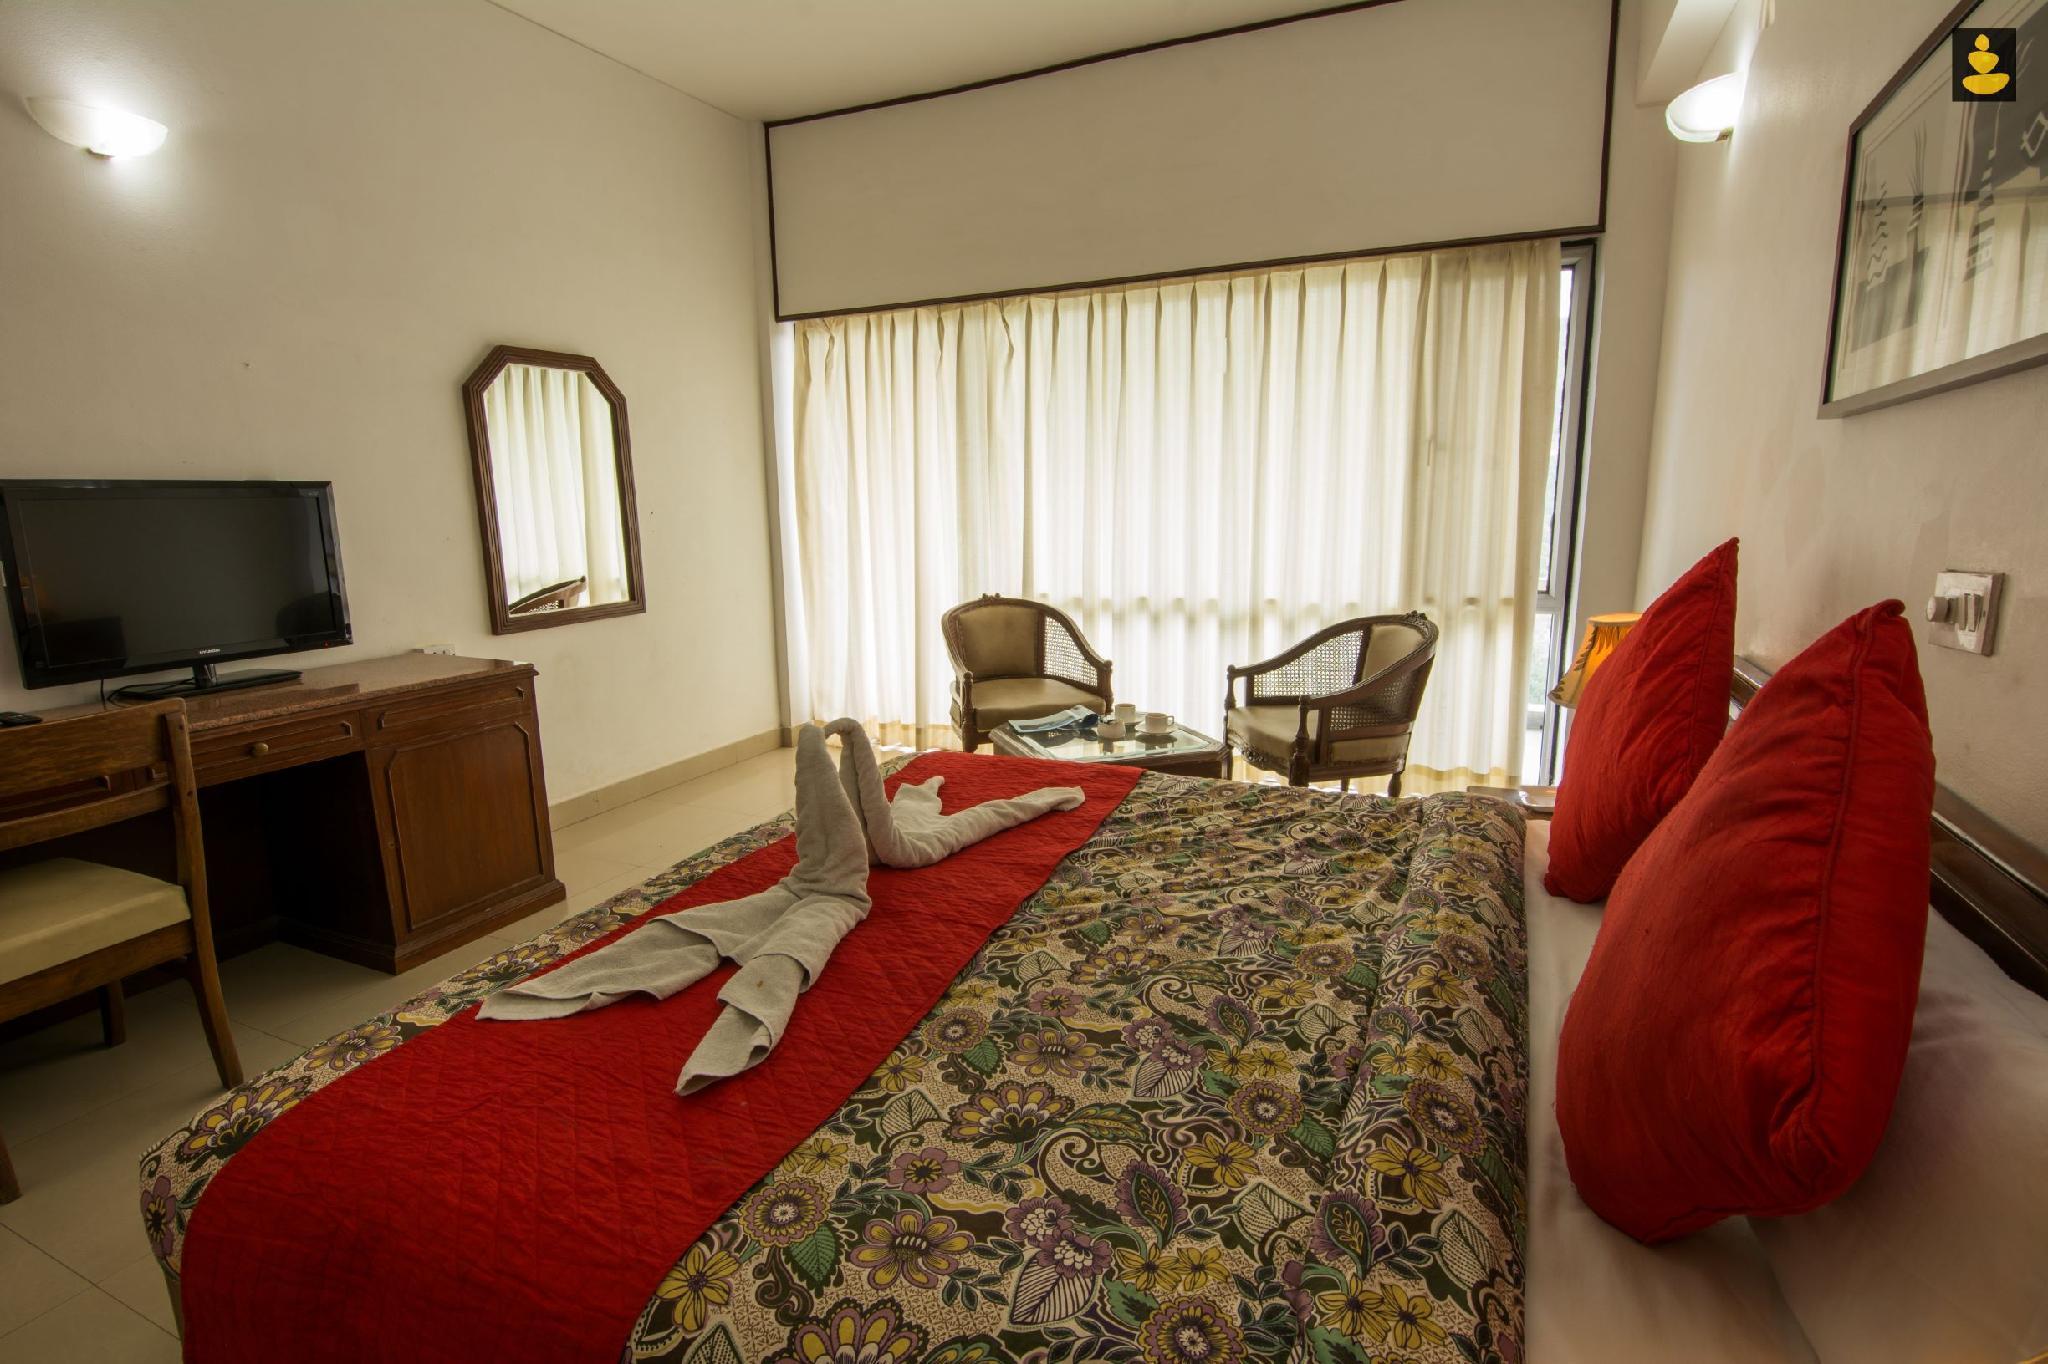 LivingStone   Misty Mountain Resort   Deluxe Room